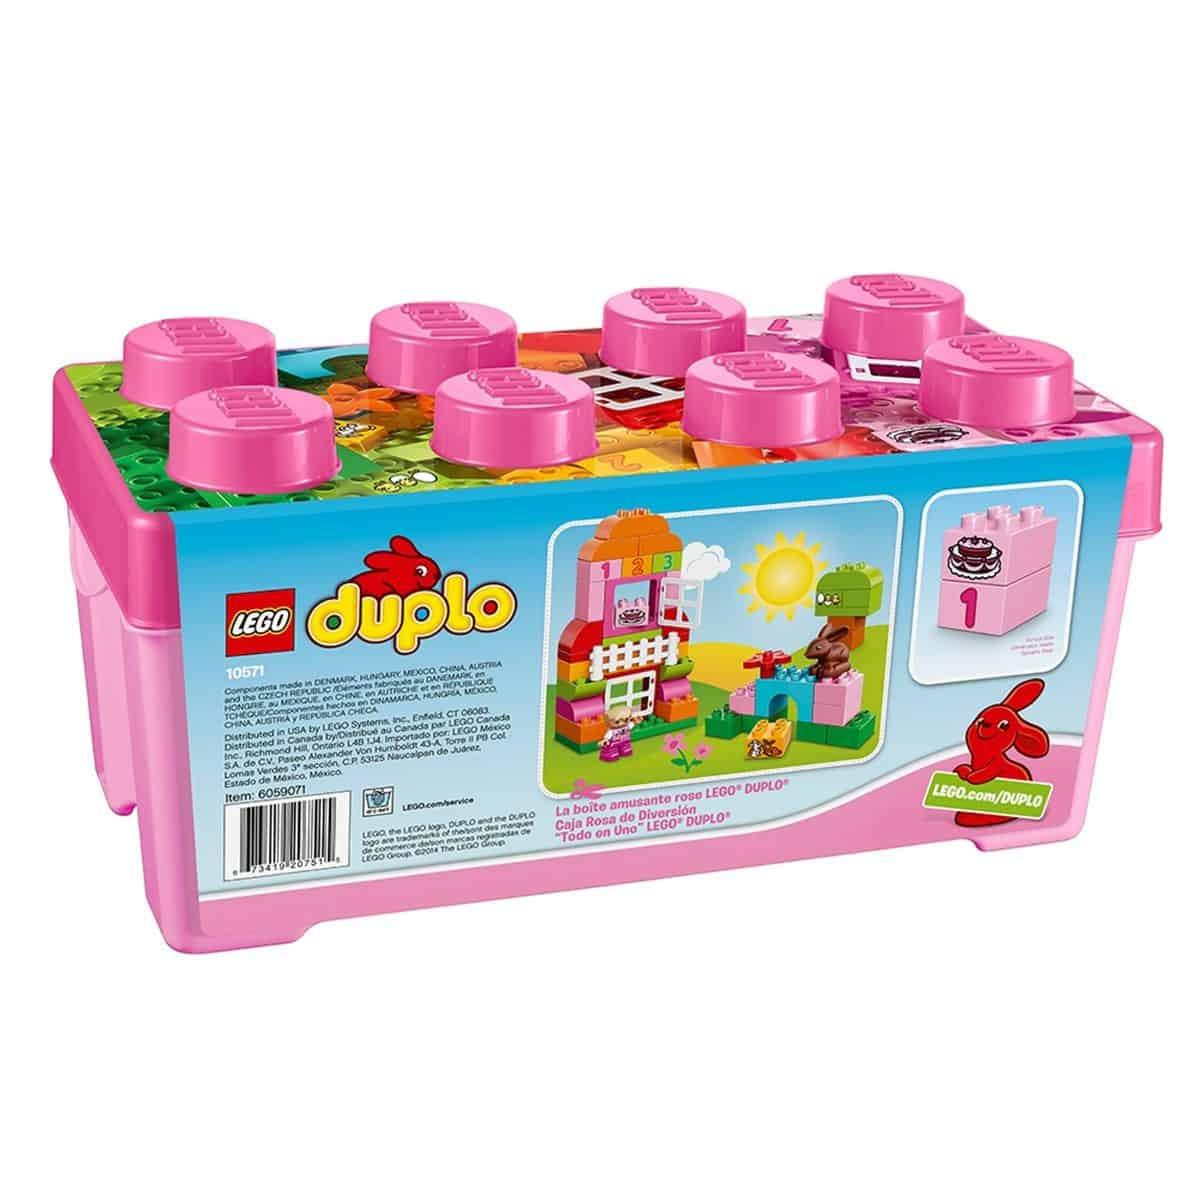 duplo 10571 pink alt i en boks scaled